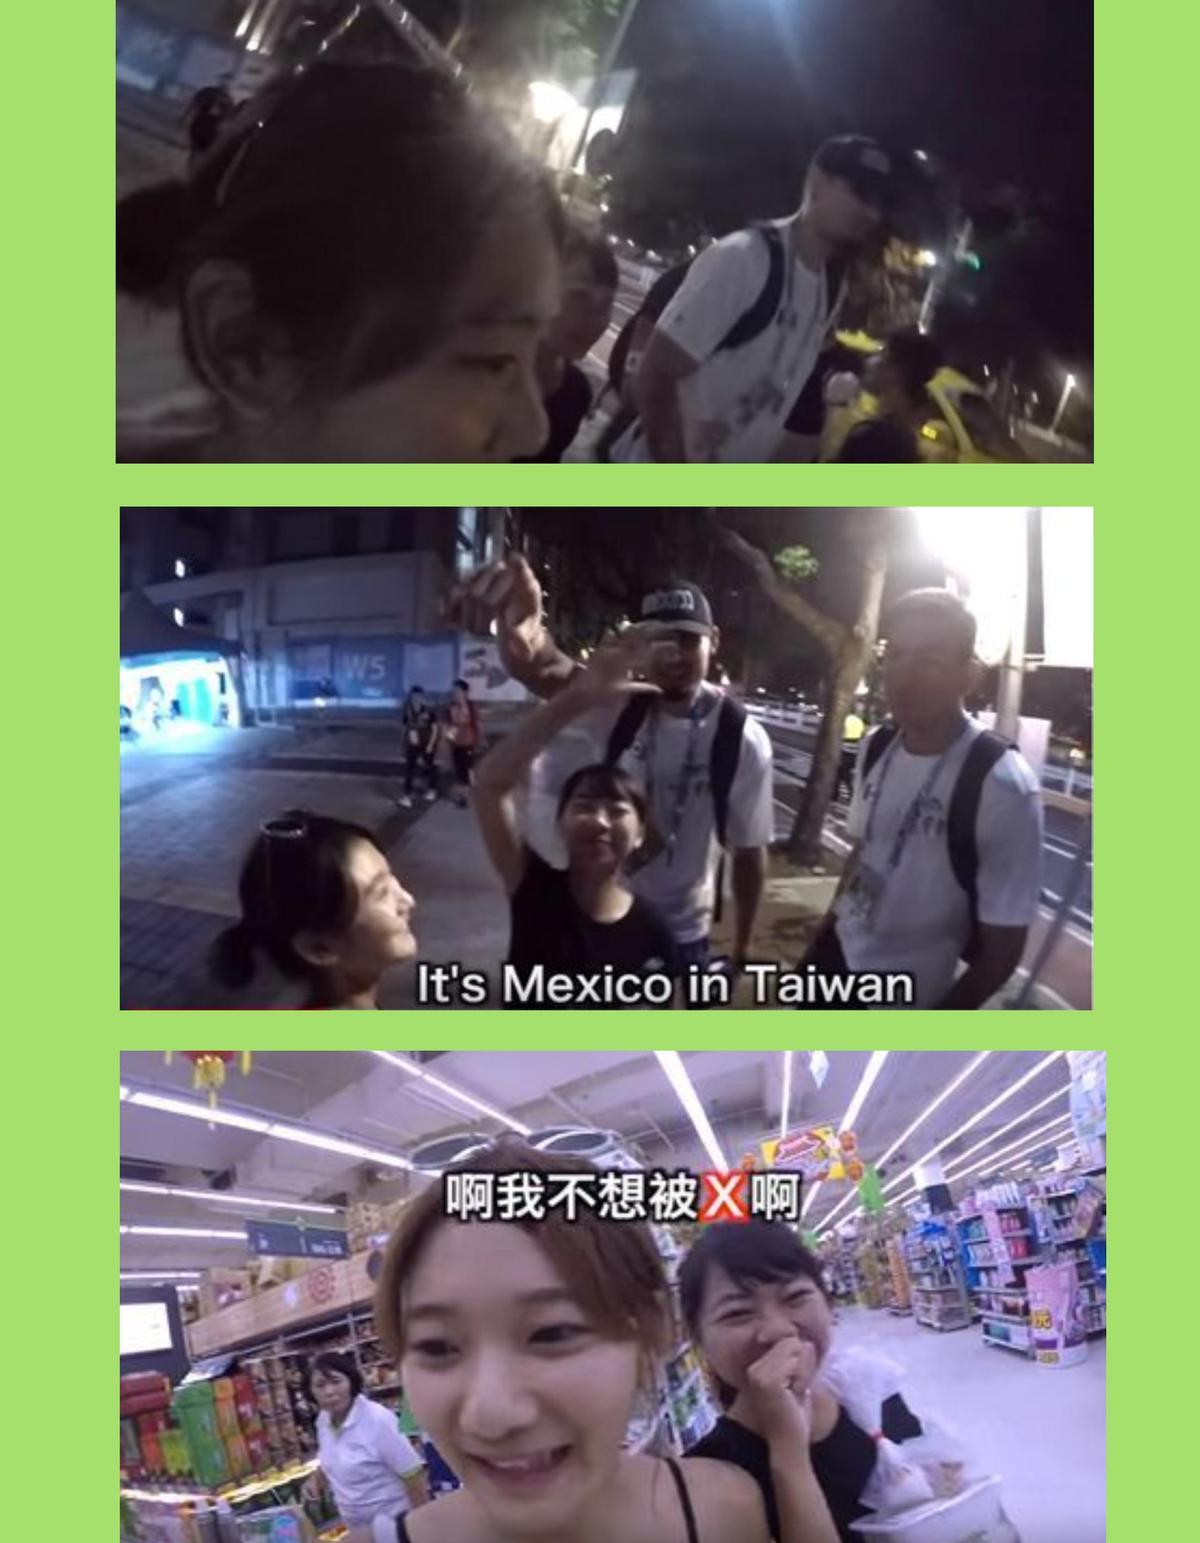 「愛莉莎莎」解釋︰「台灣有世大運為什麼不去選手村玩呢?直接去『認識』選手們不是更爽?」(翻攝自玩命女子YT頻道)